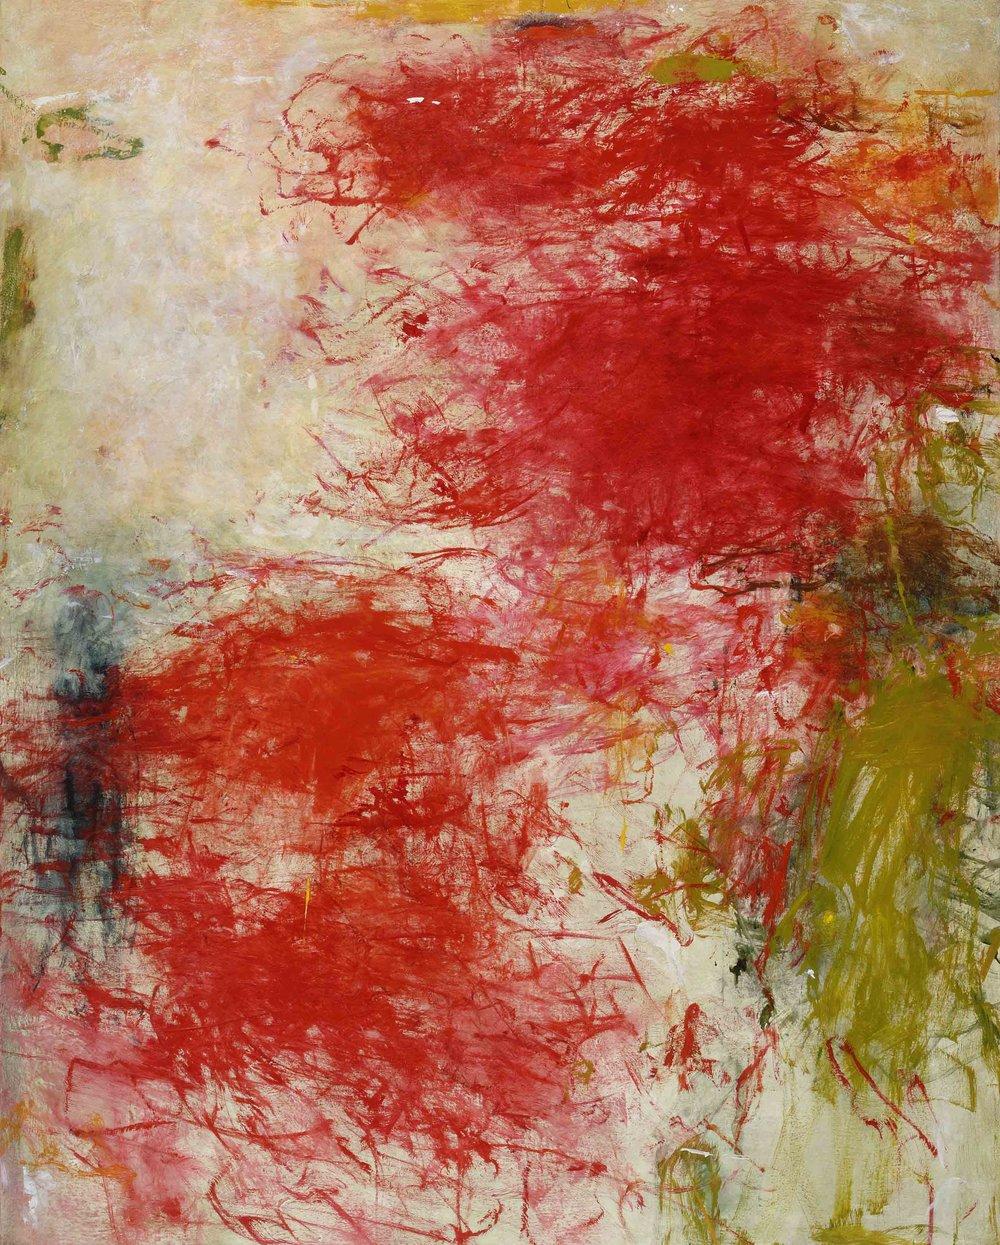 Cadmium, oil on canvas, 60 x 48 in, $9,400